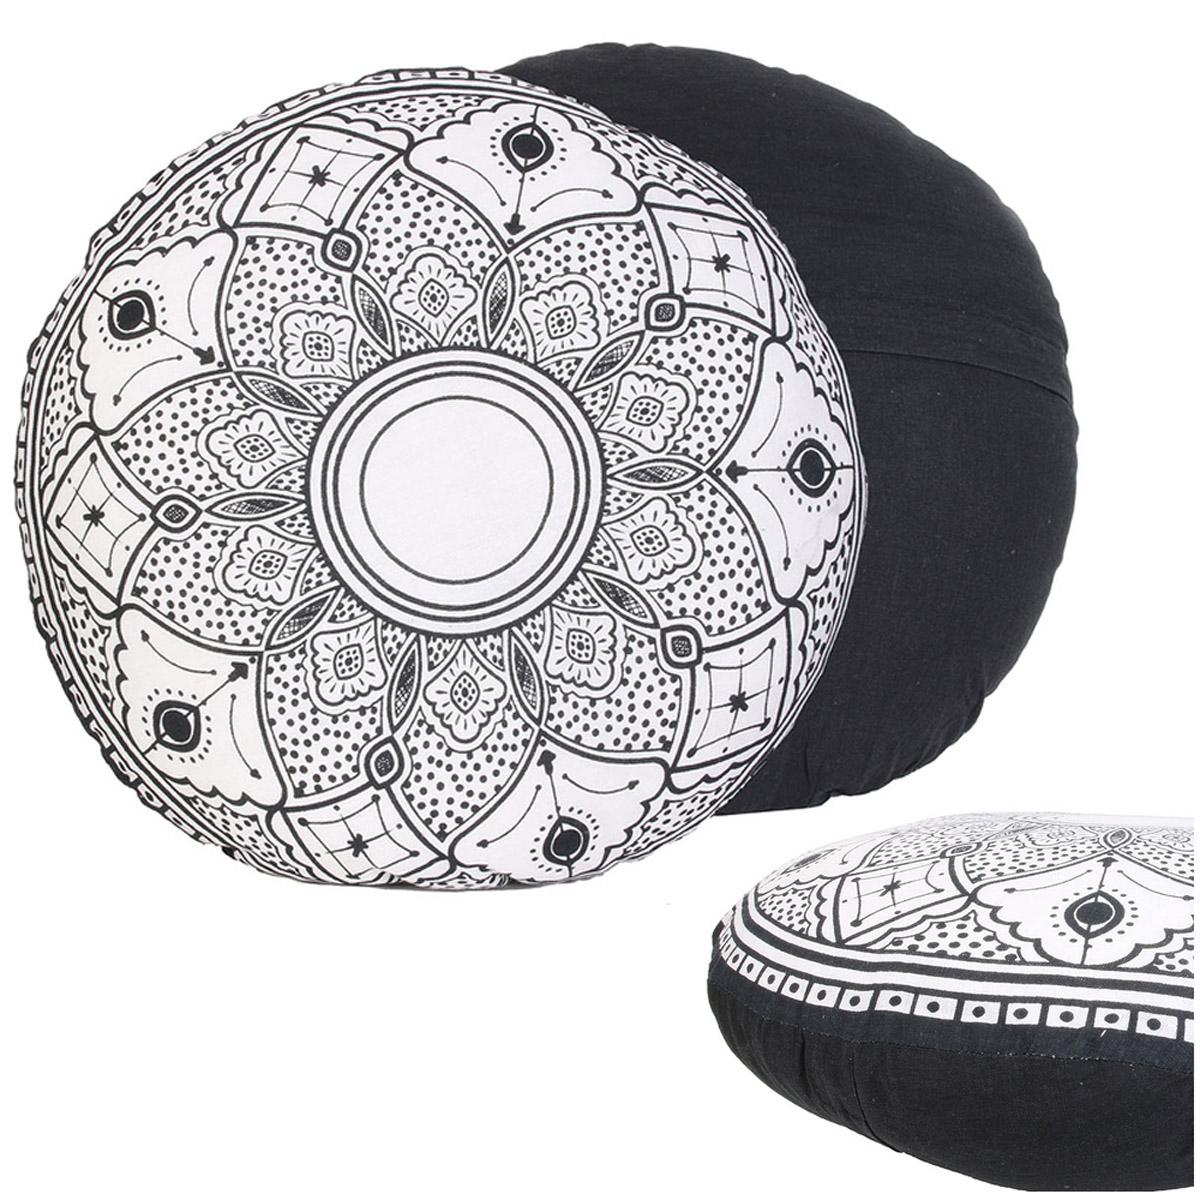 Coussin coton \'Mandala\' noir blanc - 40 cm - [R2507]